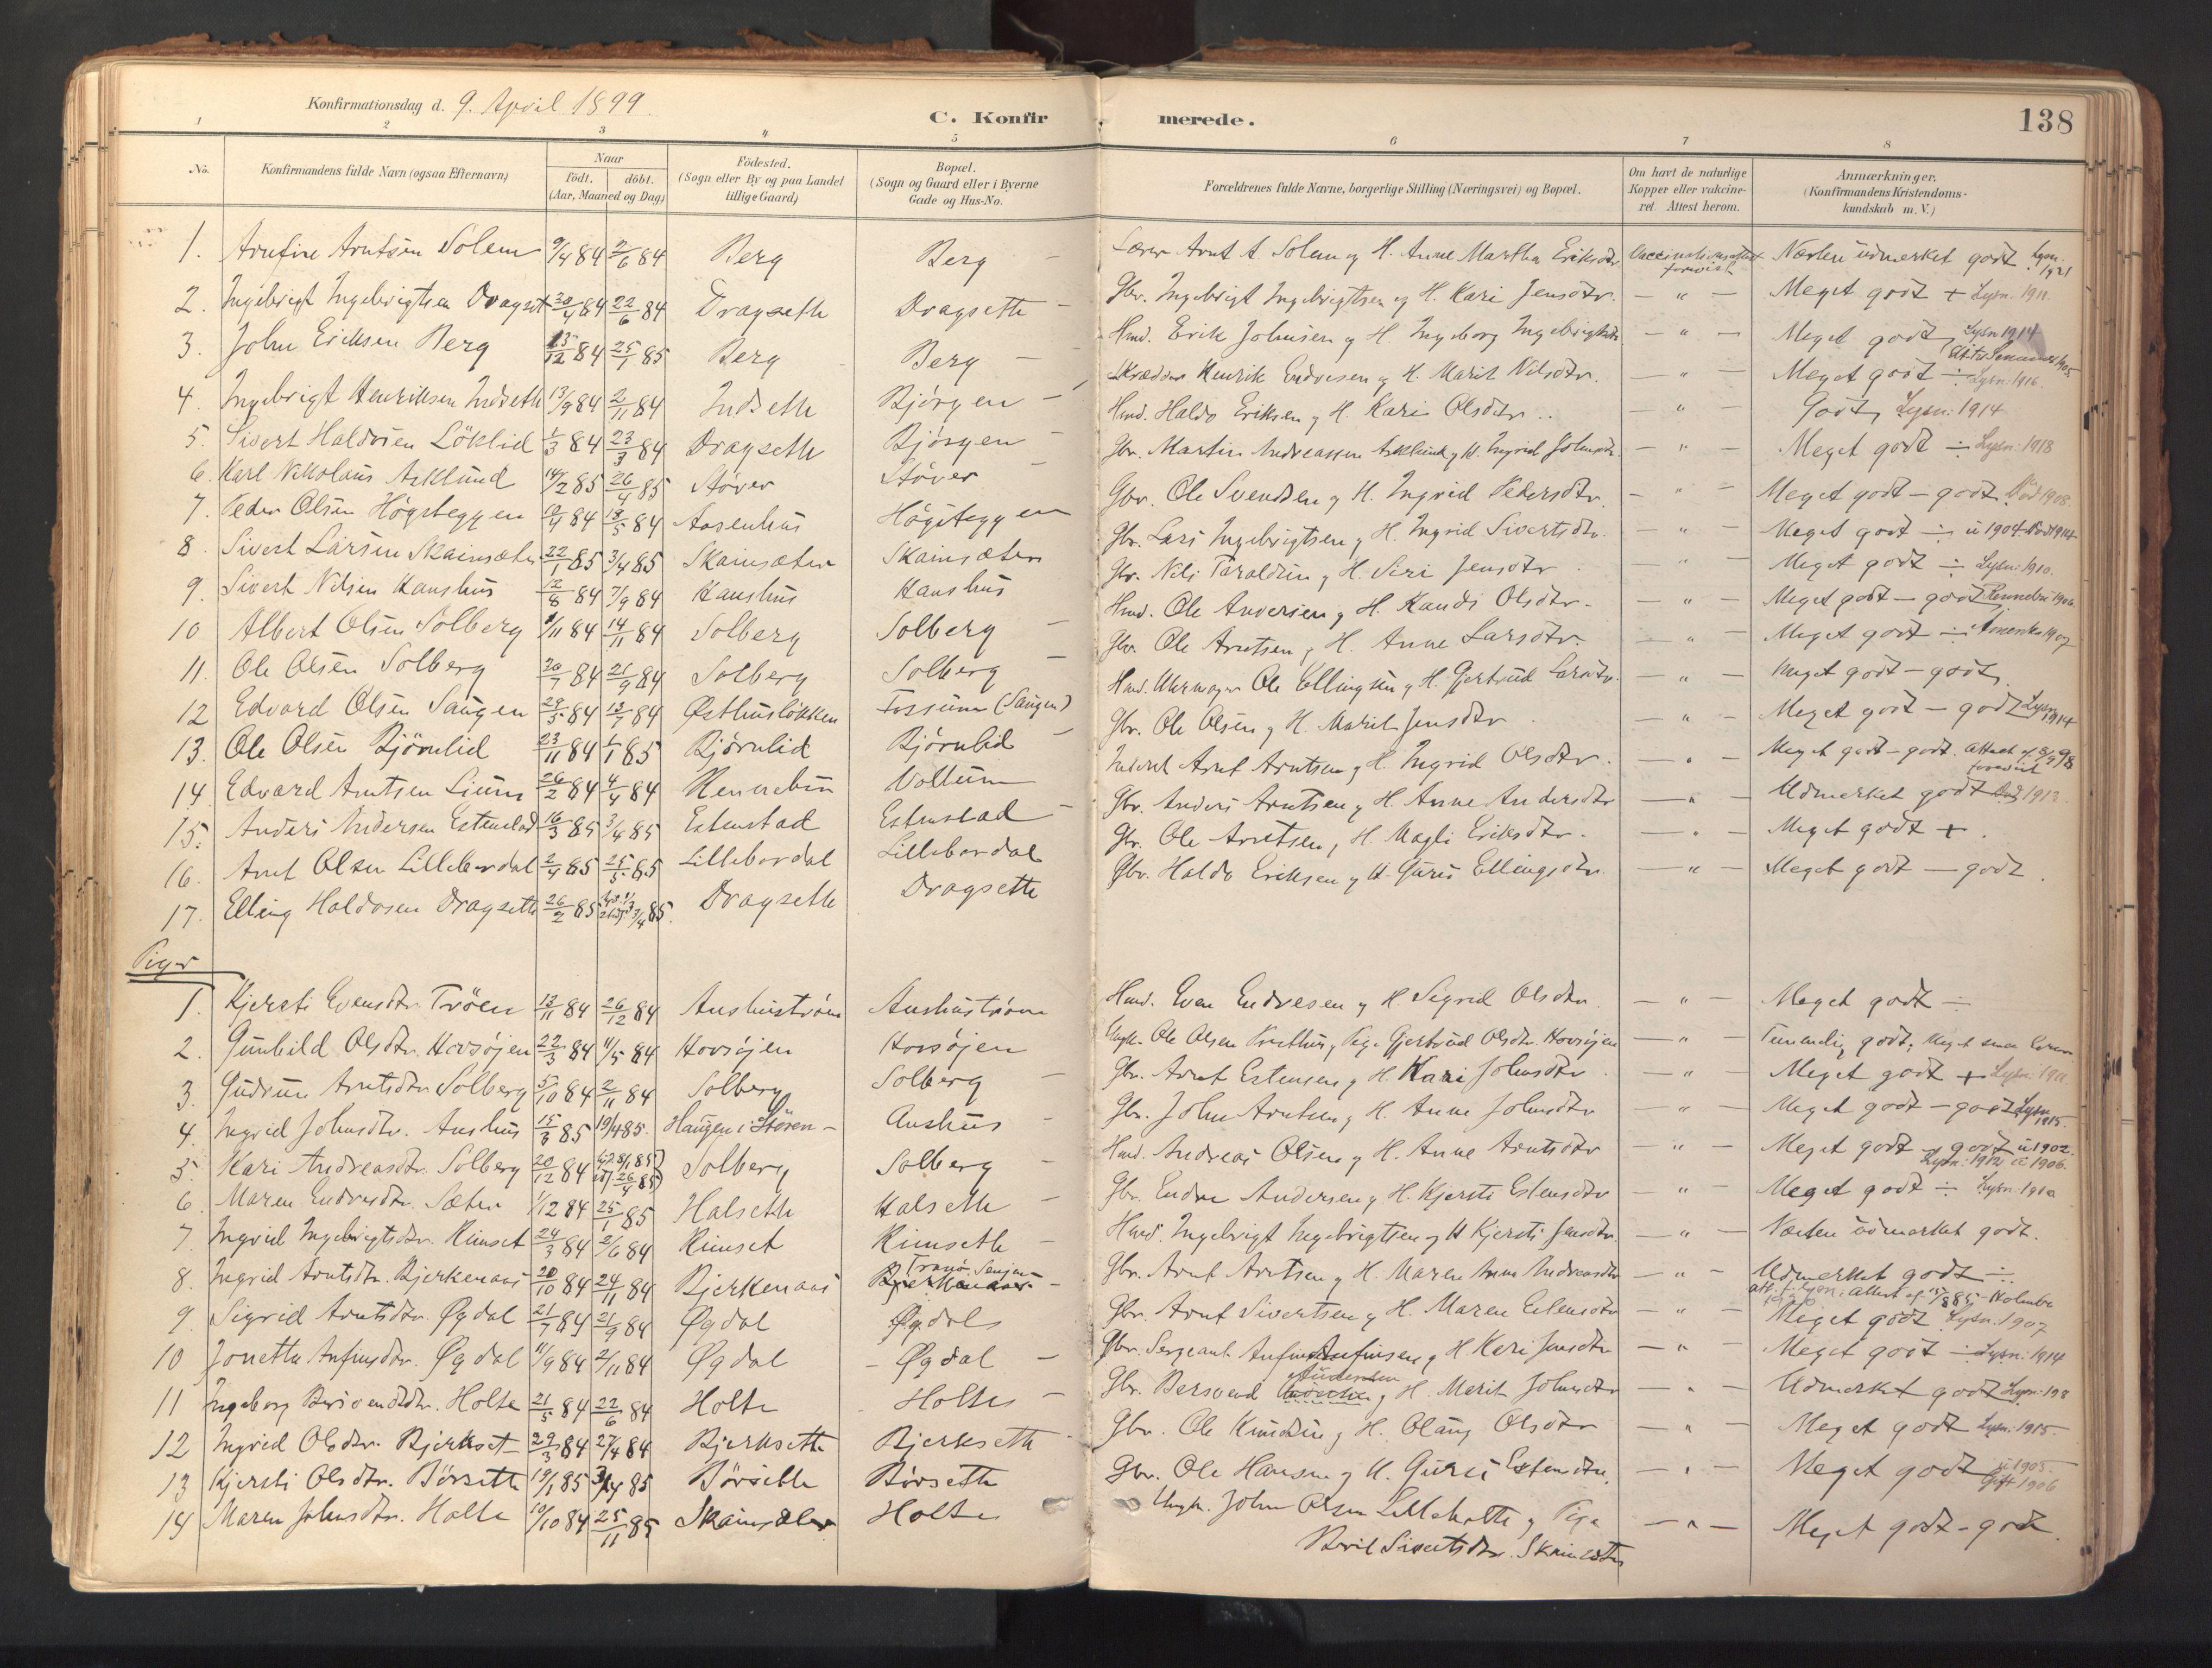 SAT, Ministerialprotokoller, klokkerbøker og fødselsregistre - Sør-Trøndelag, 689/L1041: Ministerialbok nr. 689A06, 1891-1923, s. 138